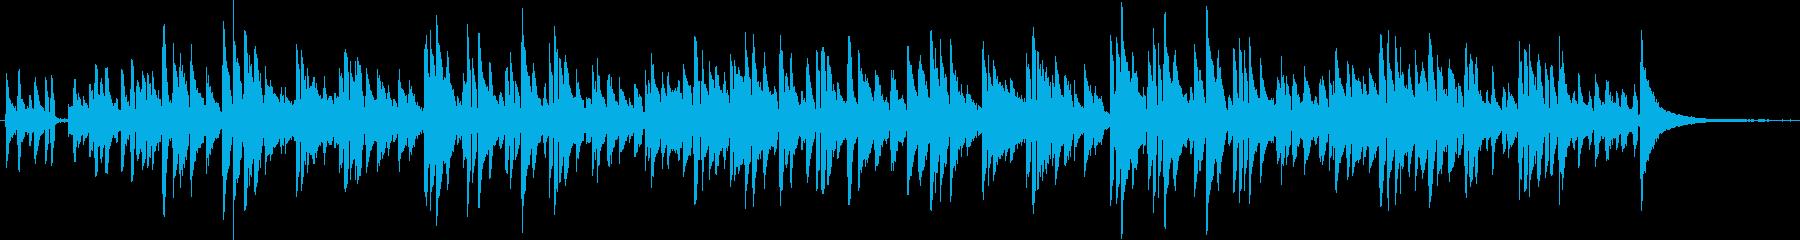 ギターデュオによるヒーリング音楽です。の再生済みの波形